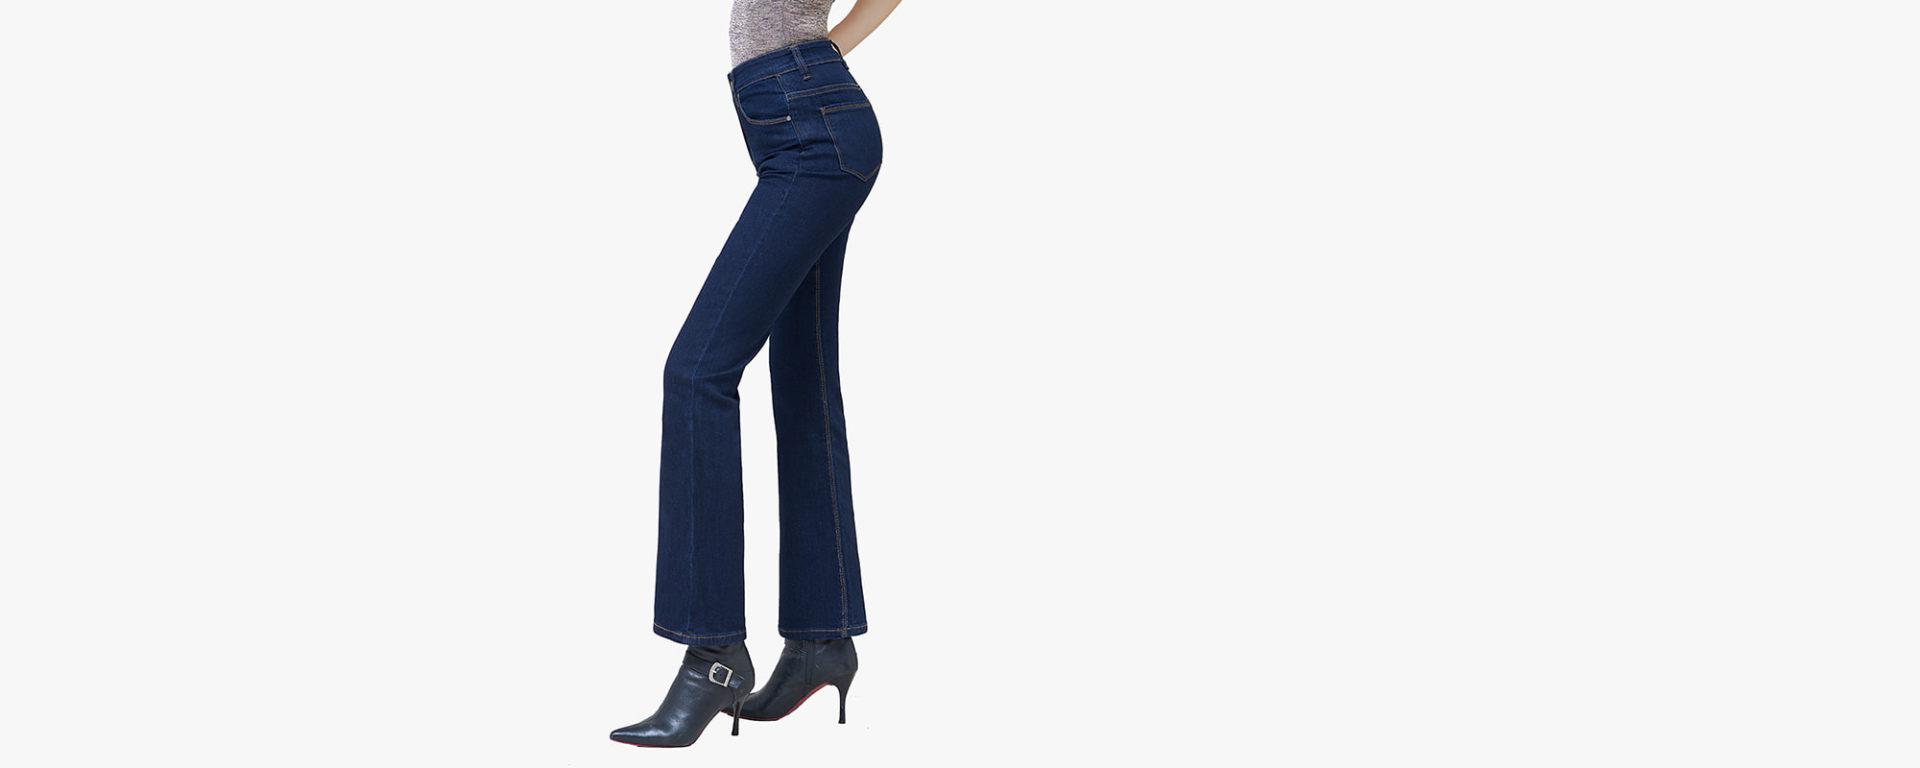 Hình ảnh banner quần jean nữ ống loe màu xanh đen